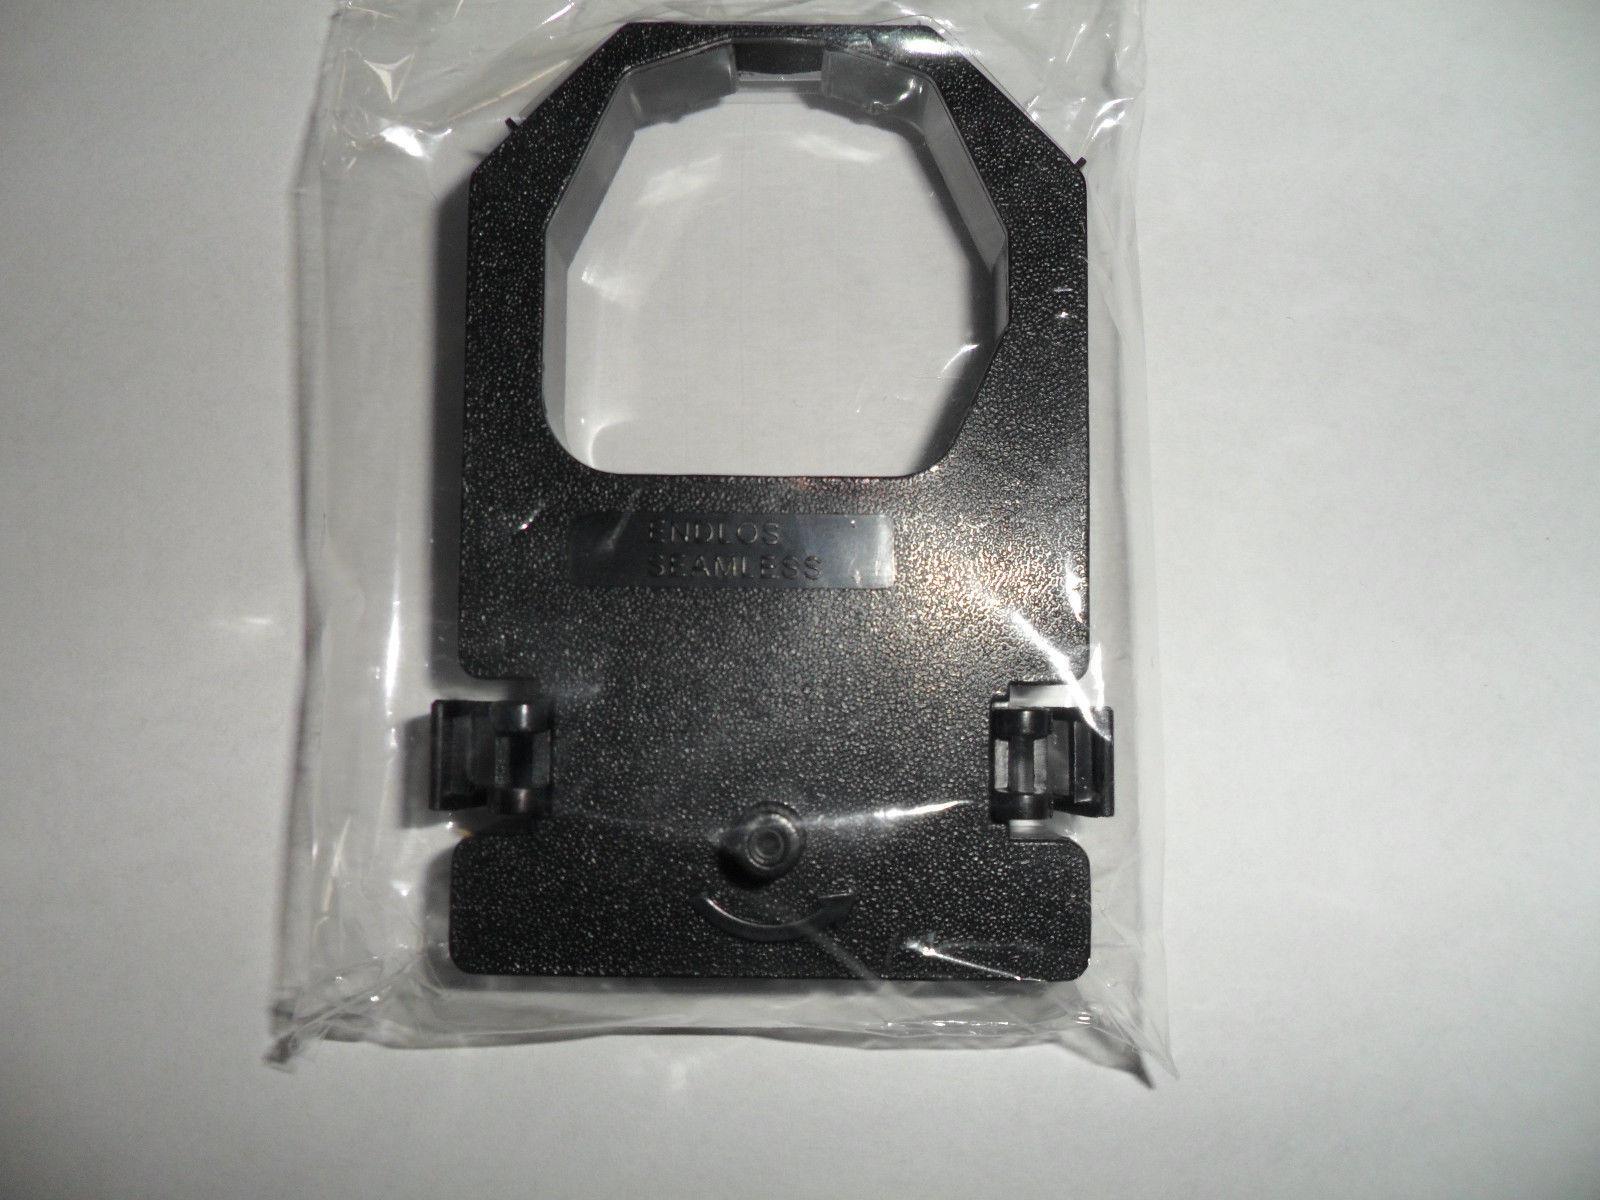 NCR 7450/7452/5670 Envelope Printer Ribbon POS Black (6 Pack)